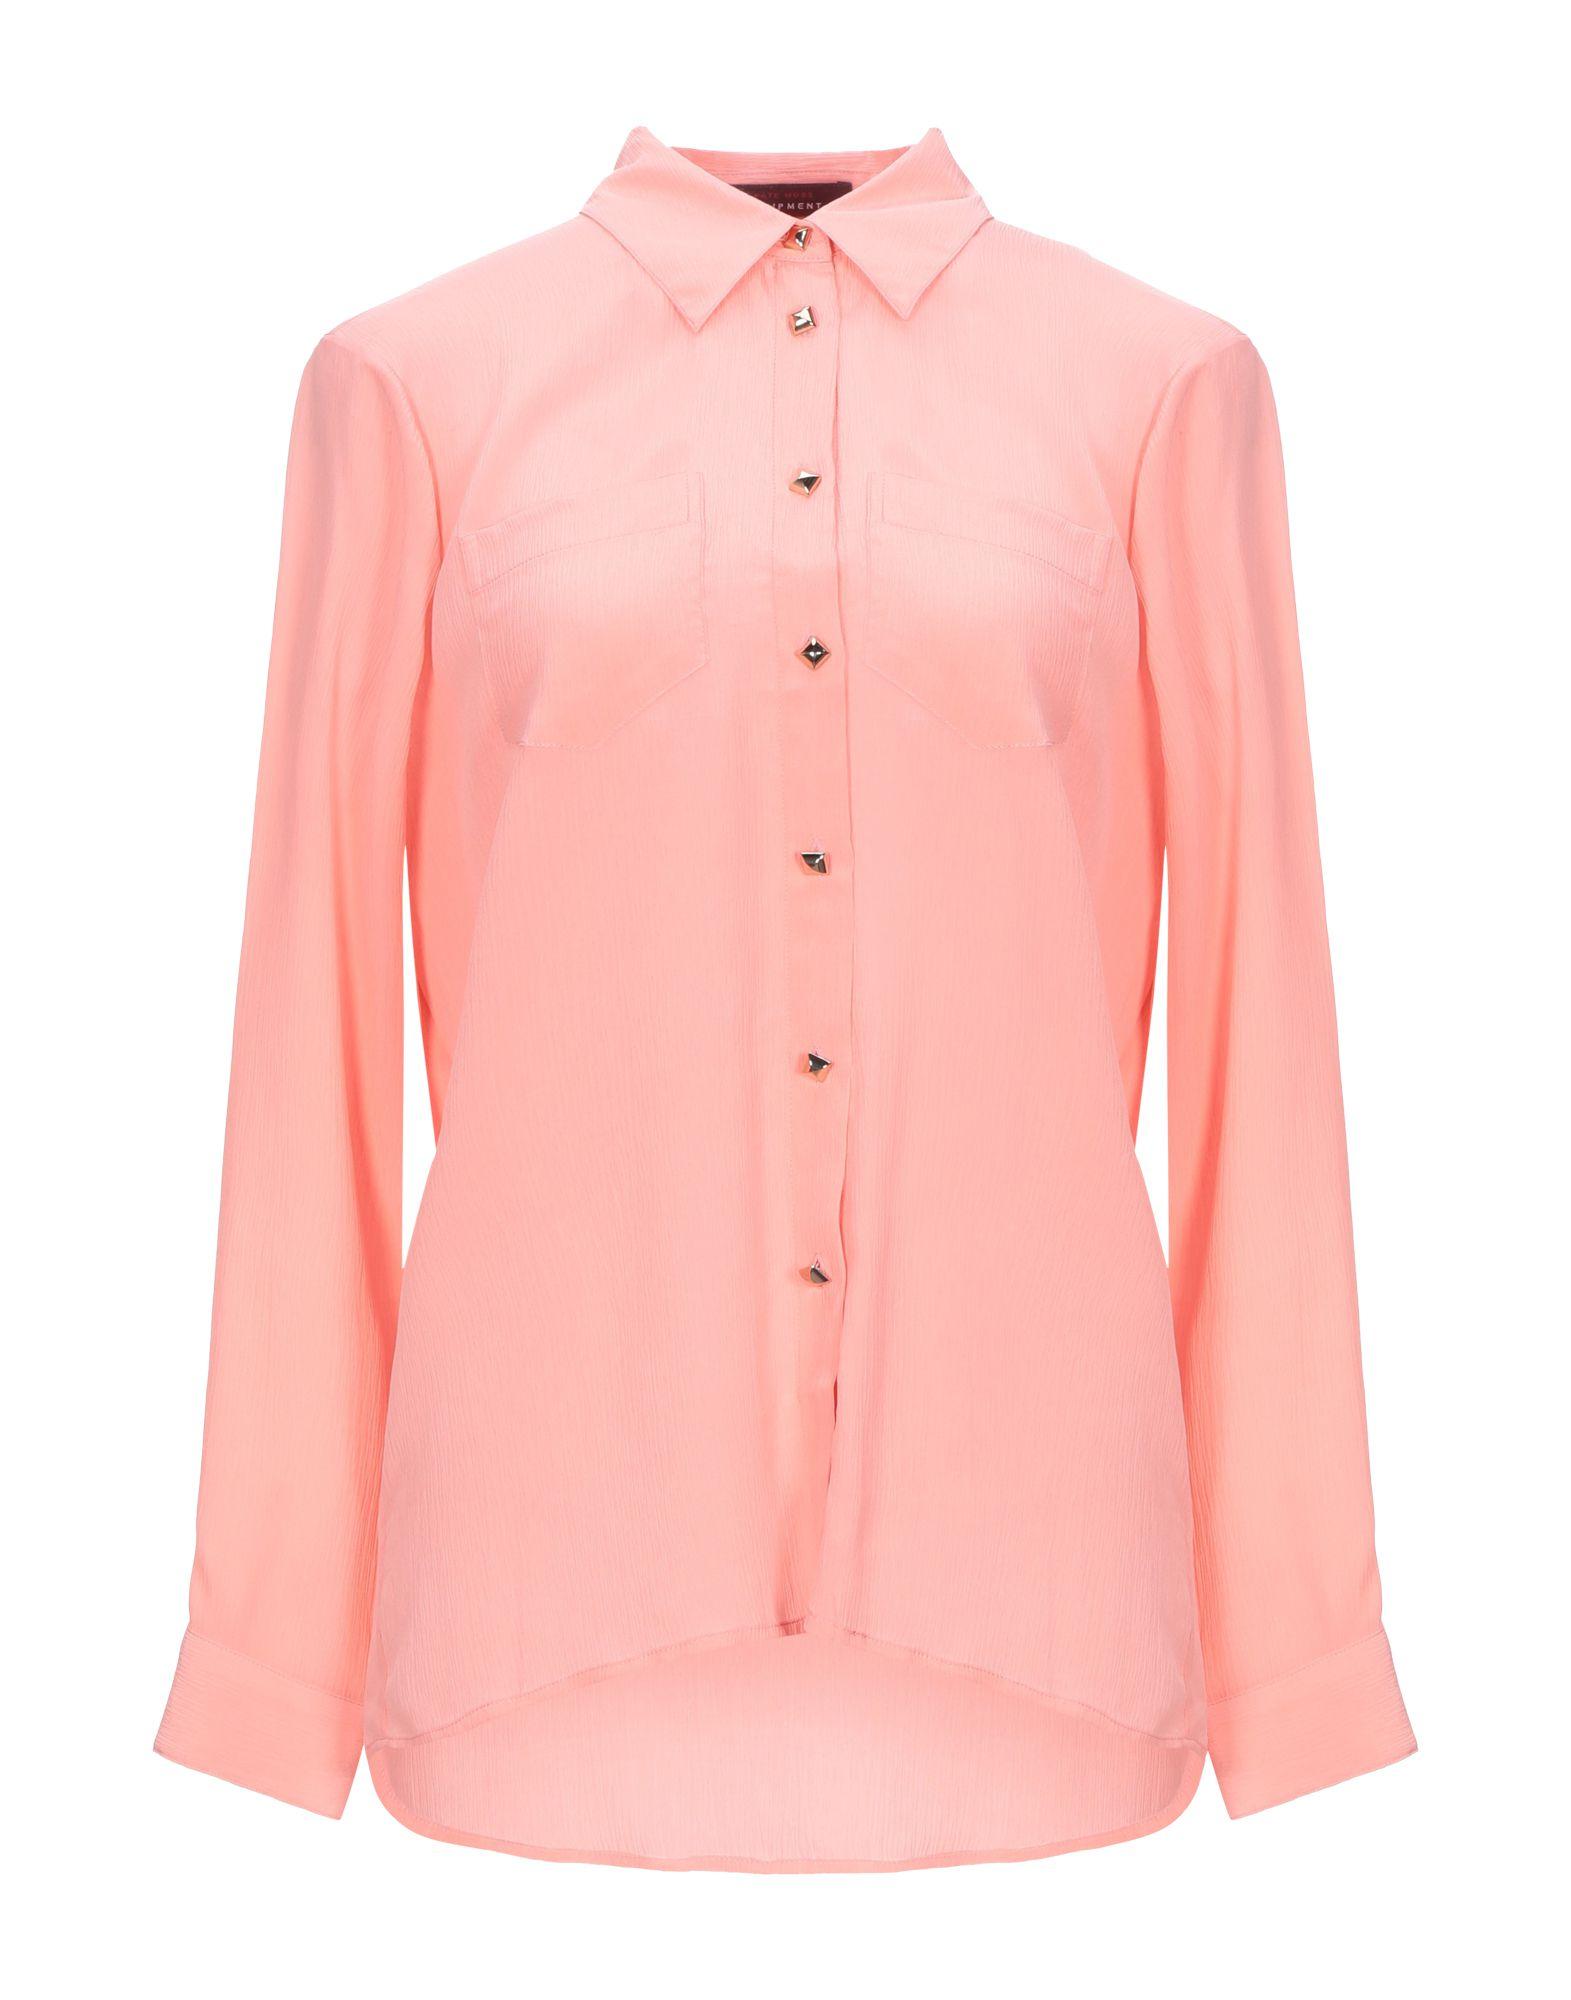 《セール開催中》KATE MOSS EQUIPMENT レディース シャツ ピンク S 100% シルク